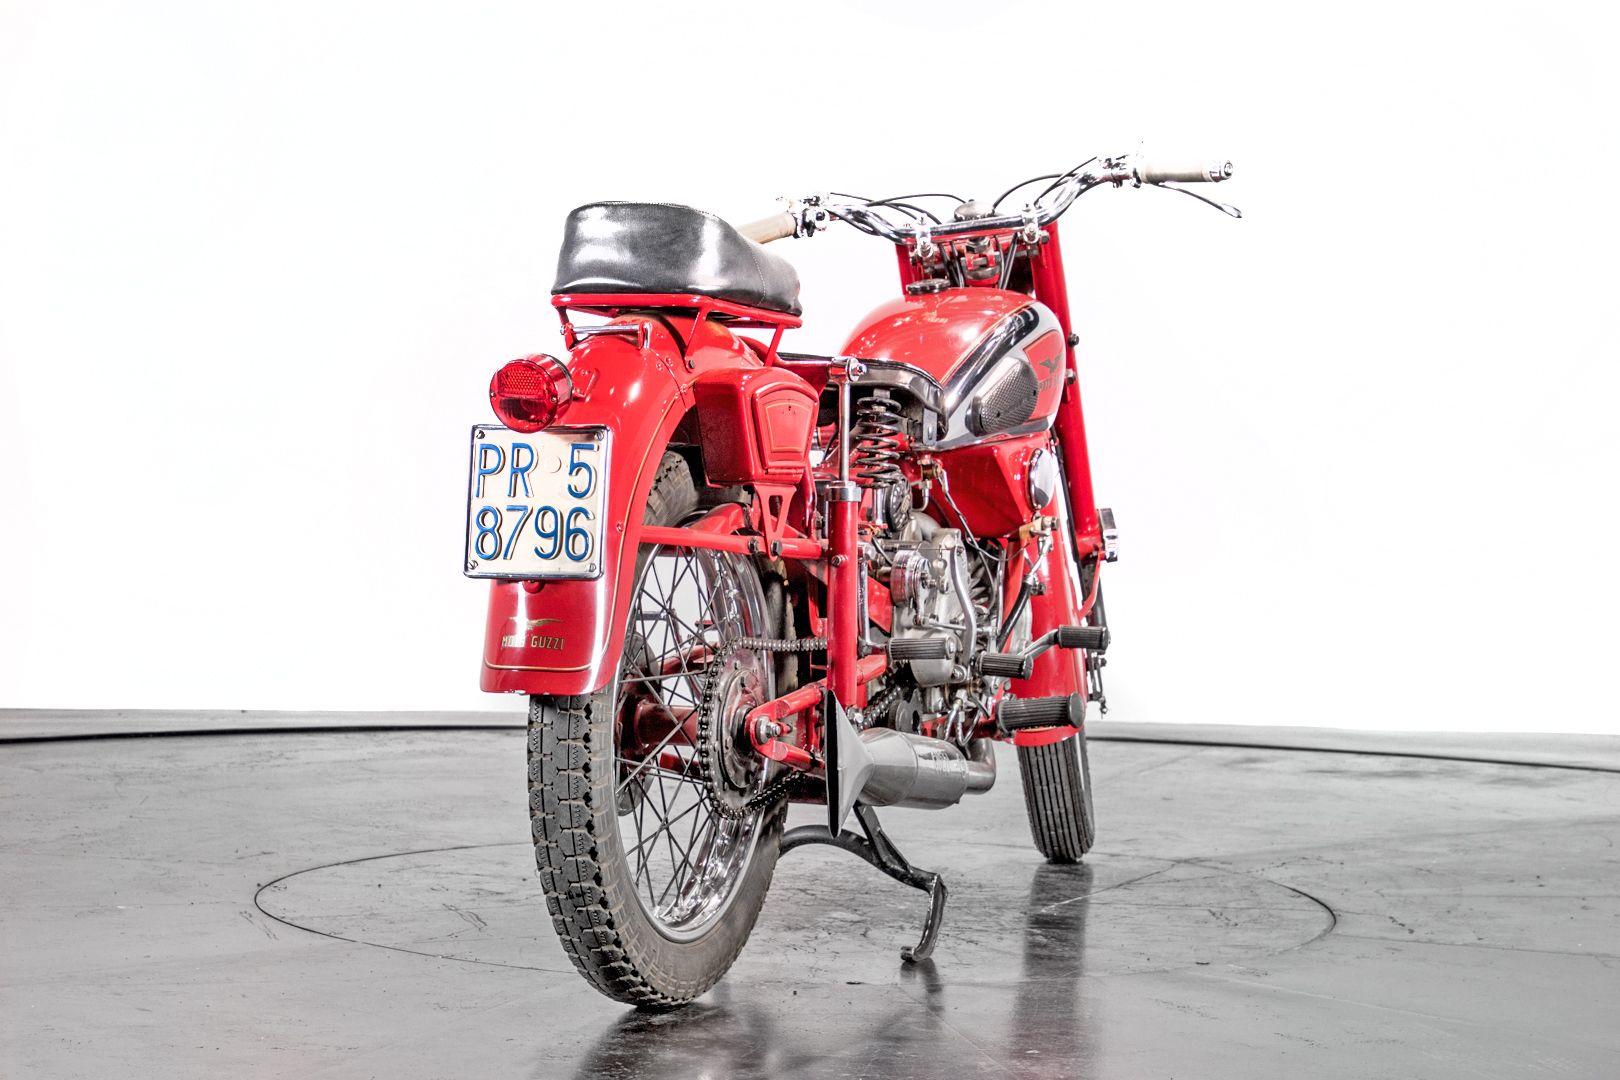 1960 Moto Guzzi GTV 500 74685